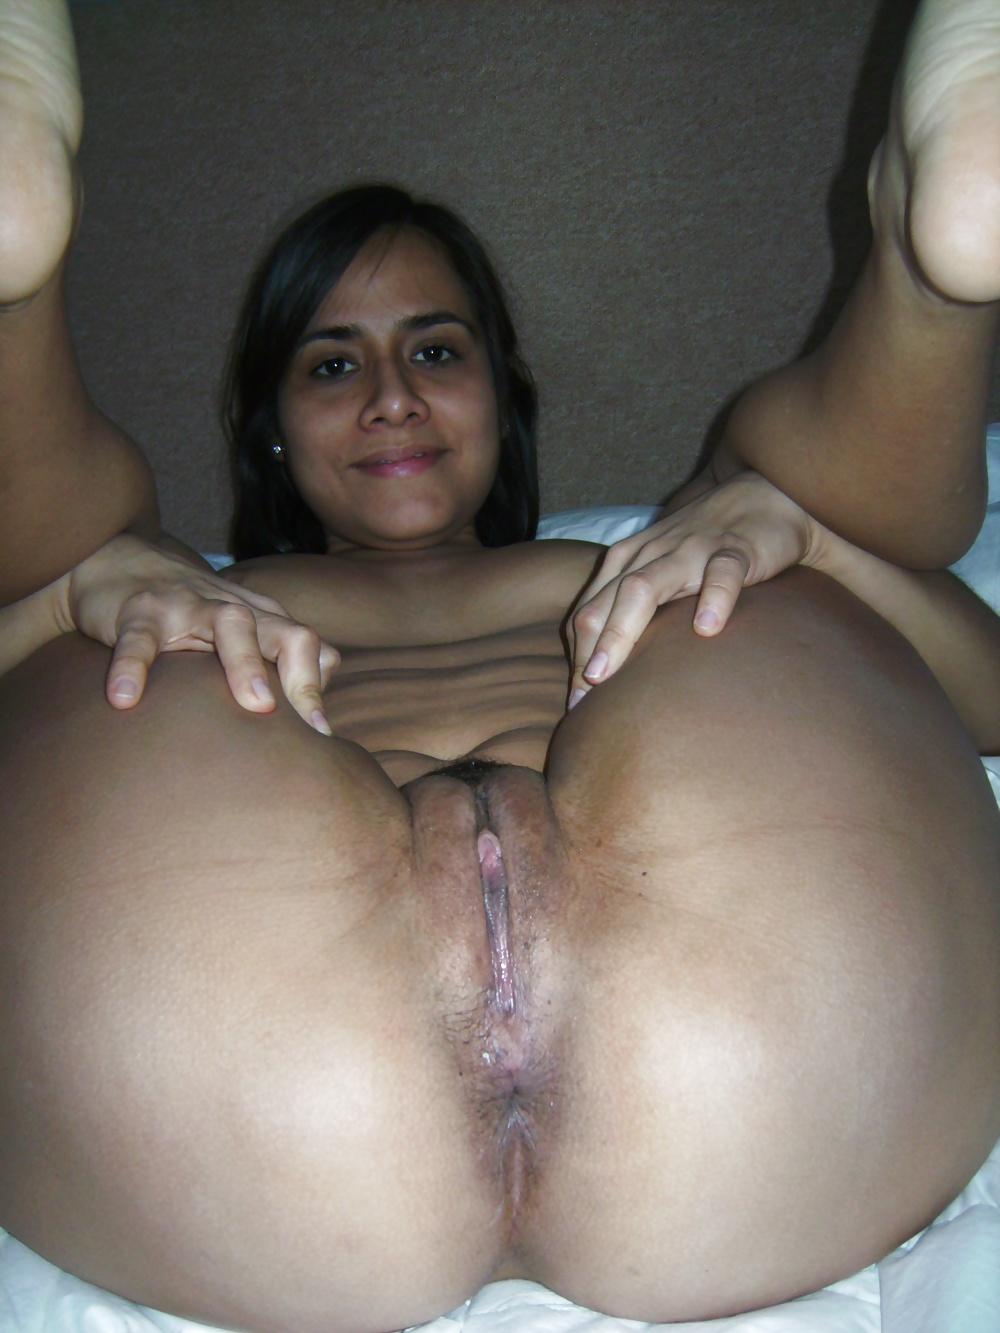 Amateur Piernas Abierta Porno Con Vestido showing media & posts for piernas abiertas xxx   www.veu.xxx